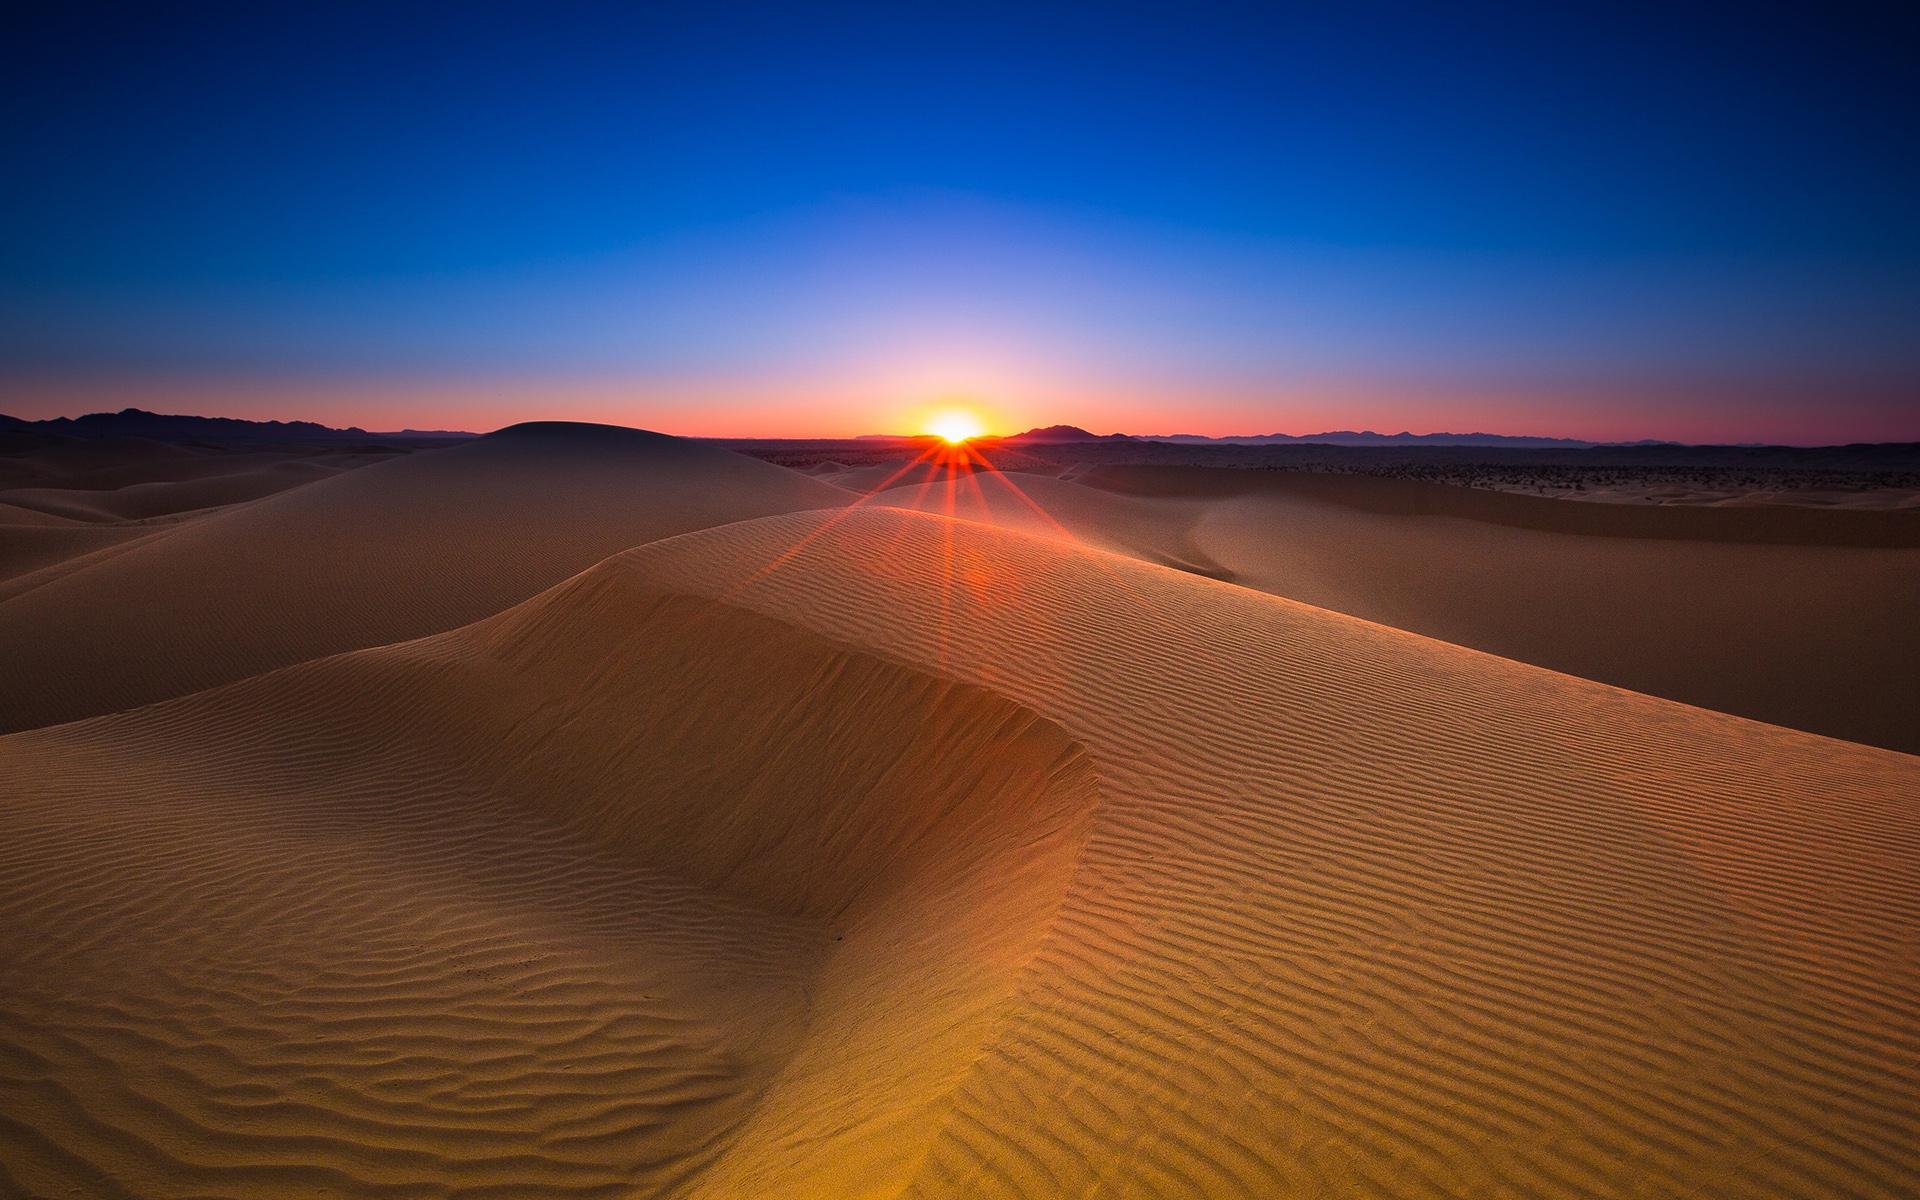 Обои на телефон пустыня закат